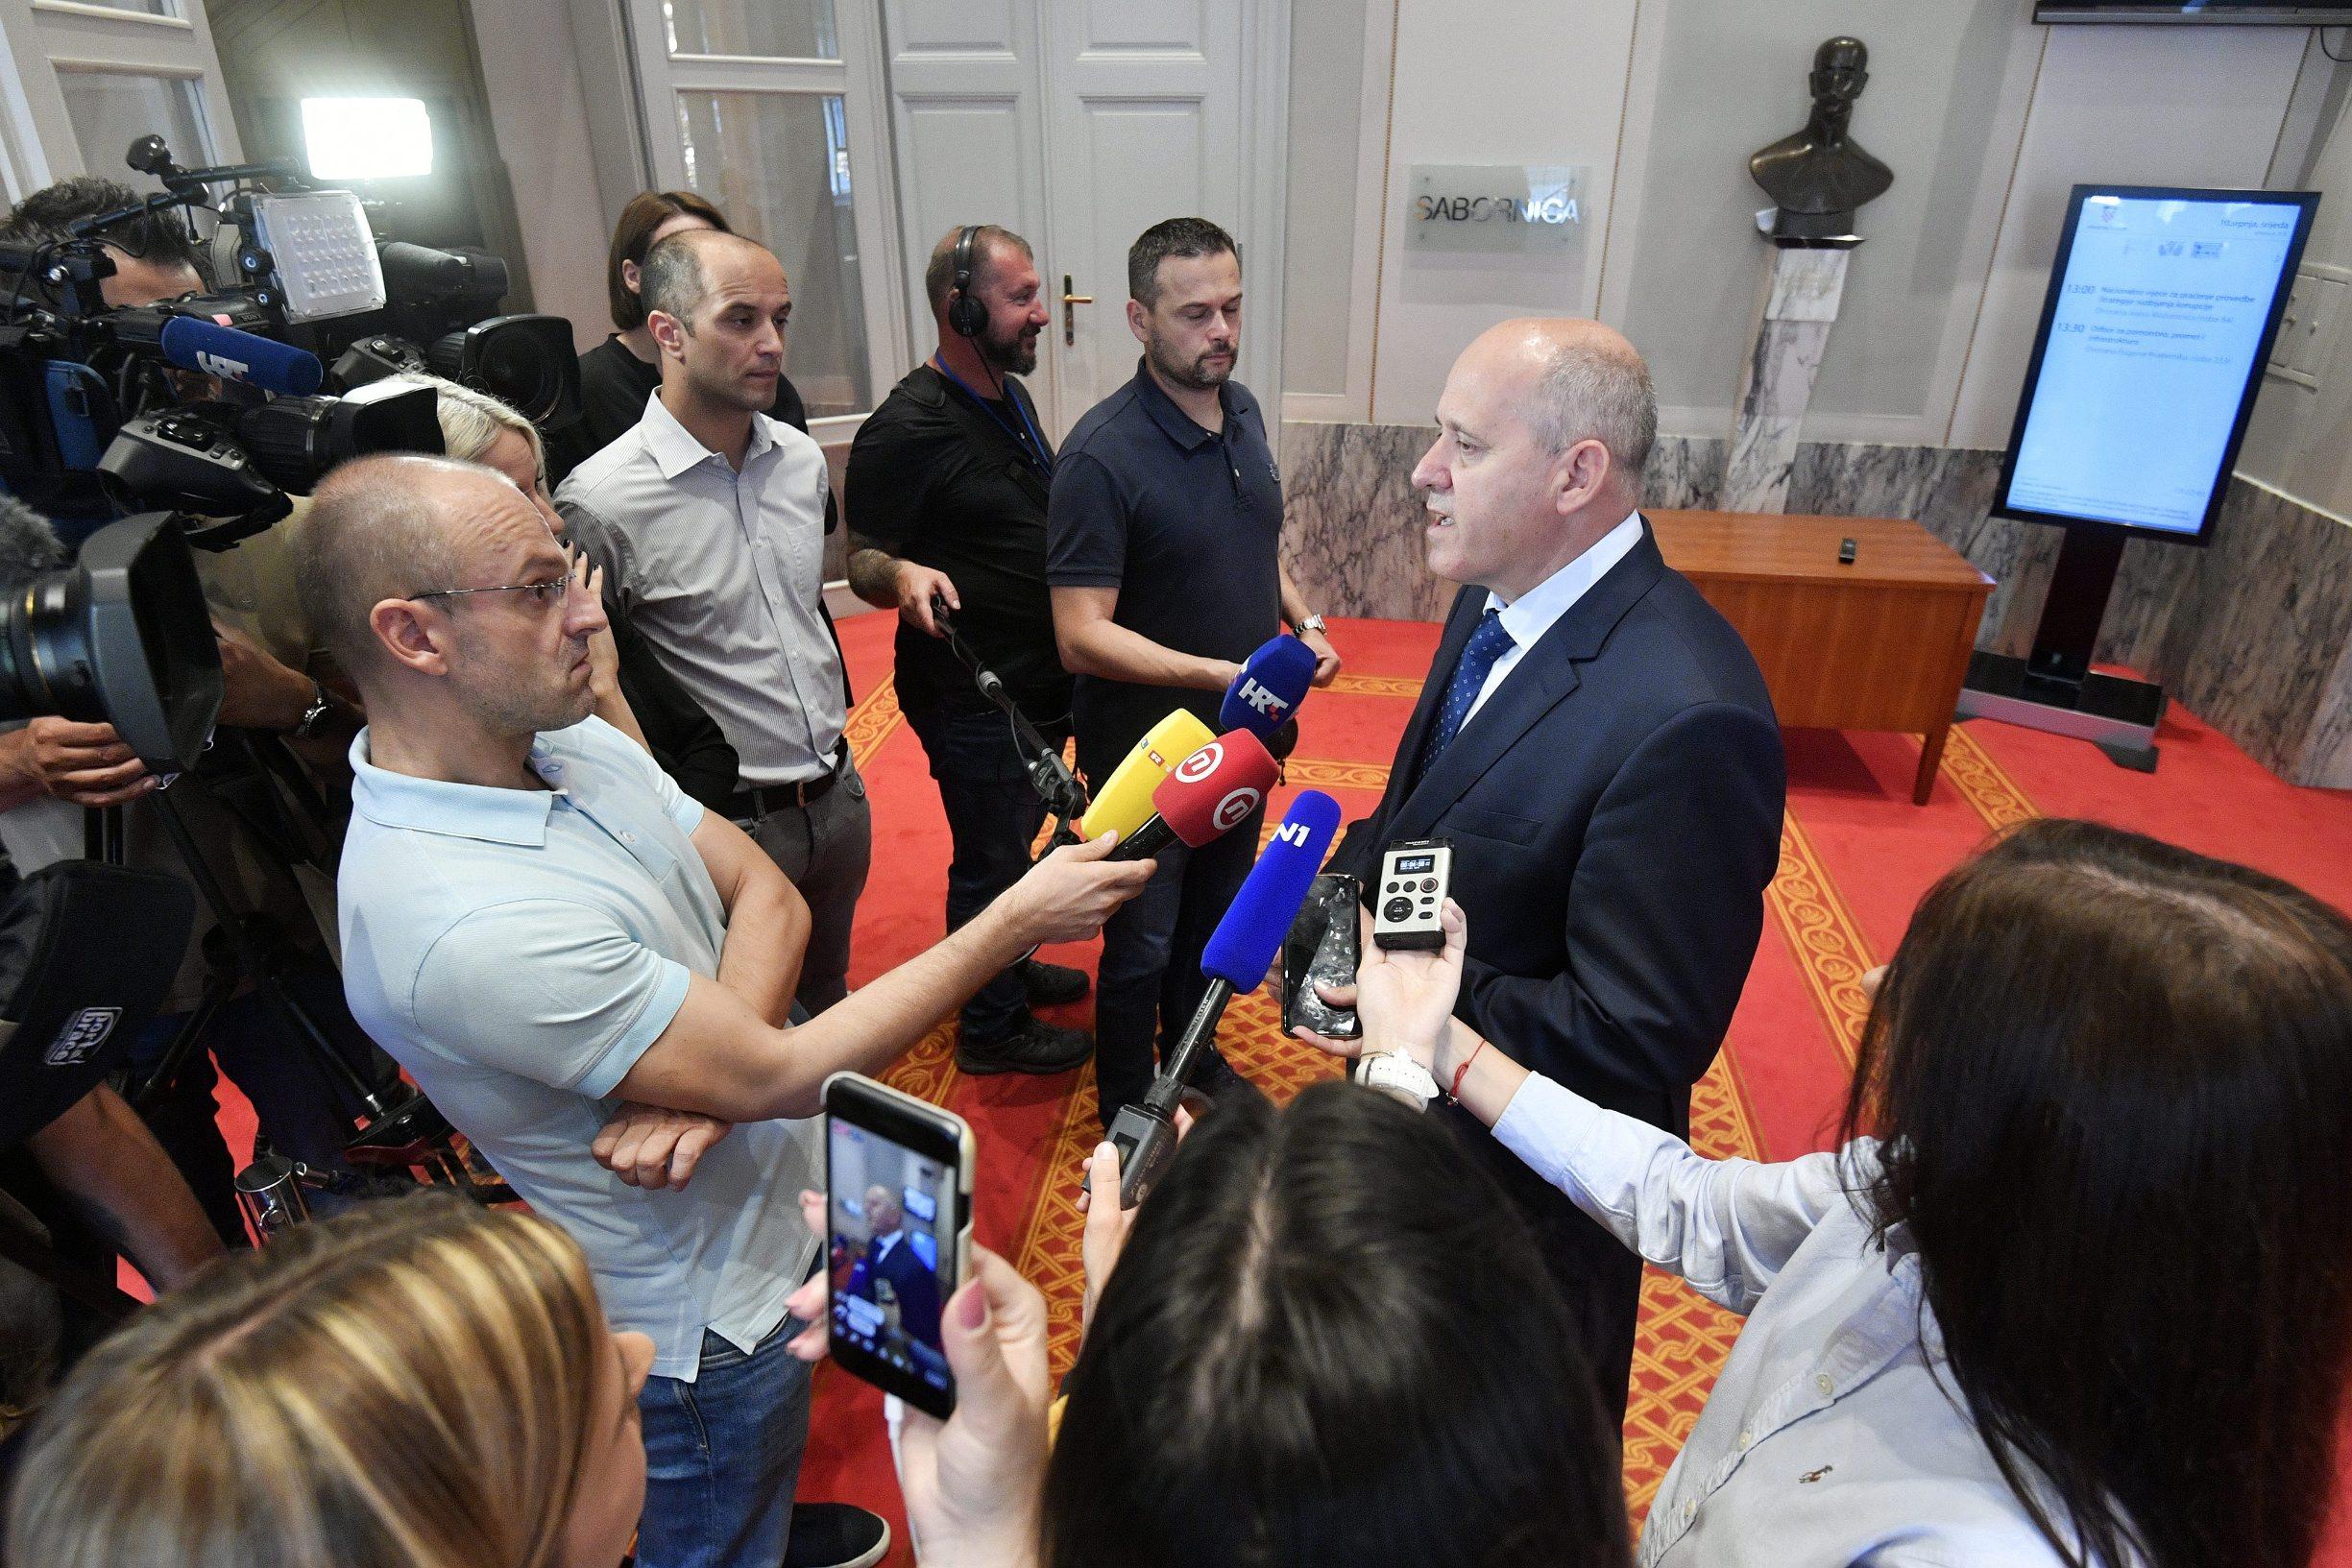 Zagreb, 090719 Saborski zastupnik Branko Bacic daje izjavu za medje u Hrvatskom saboru. Foto: Boris Kovacev / CROPIX